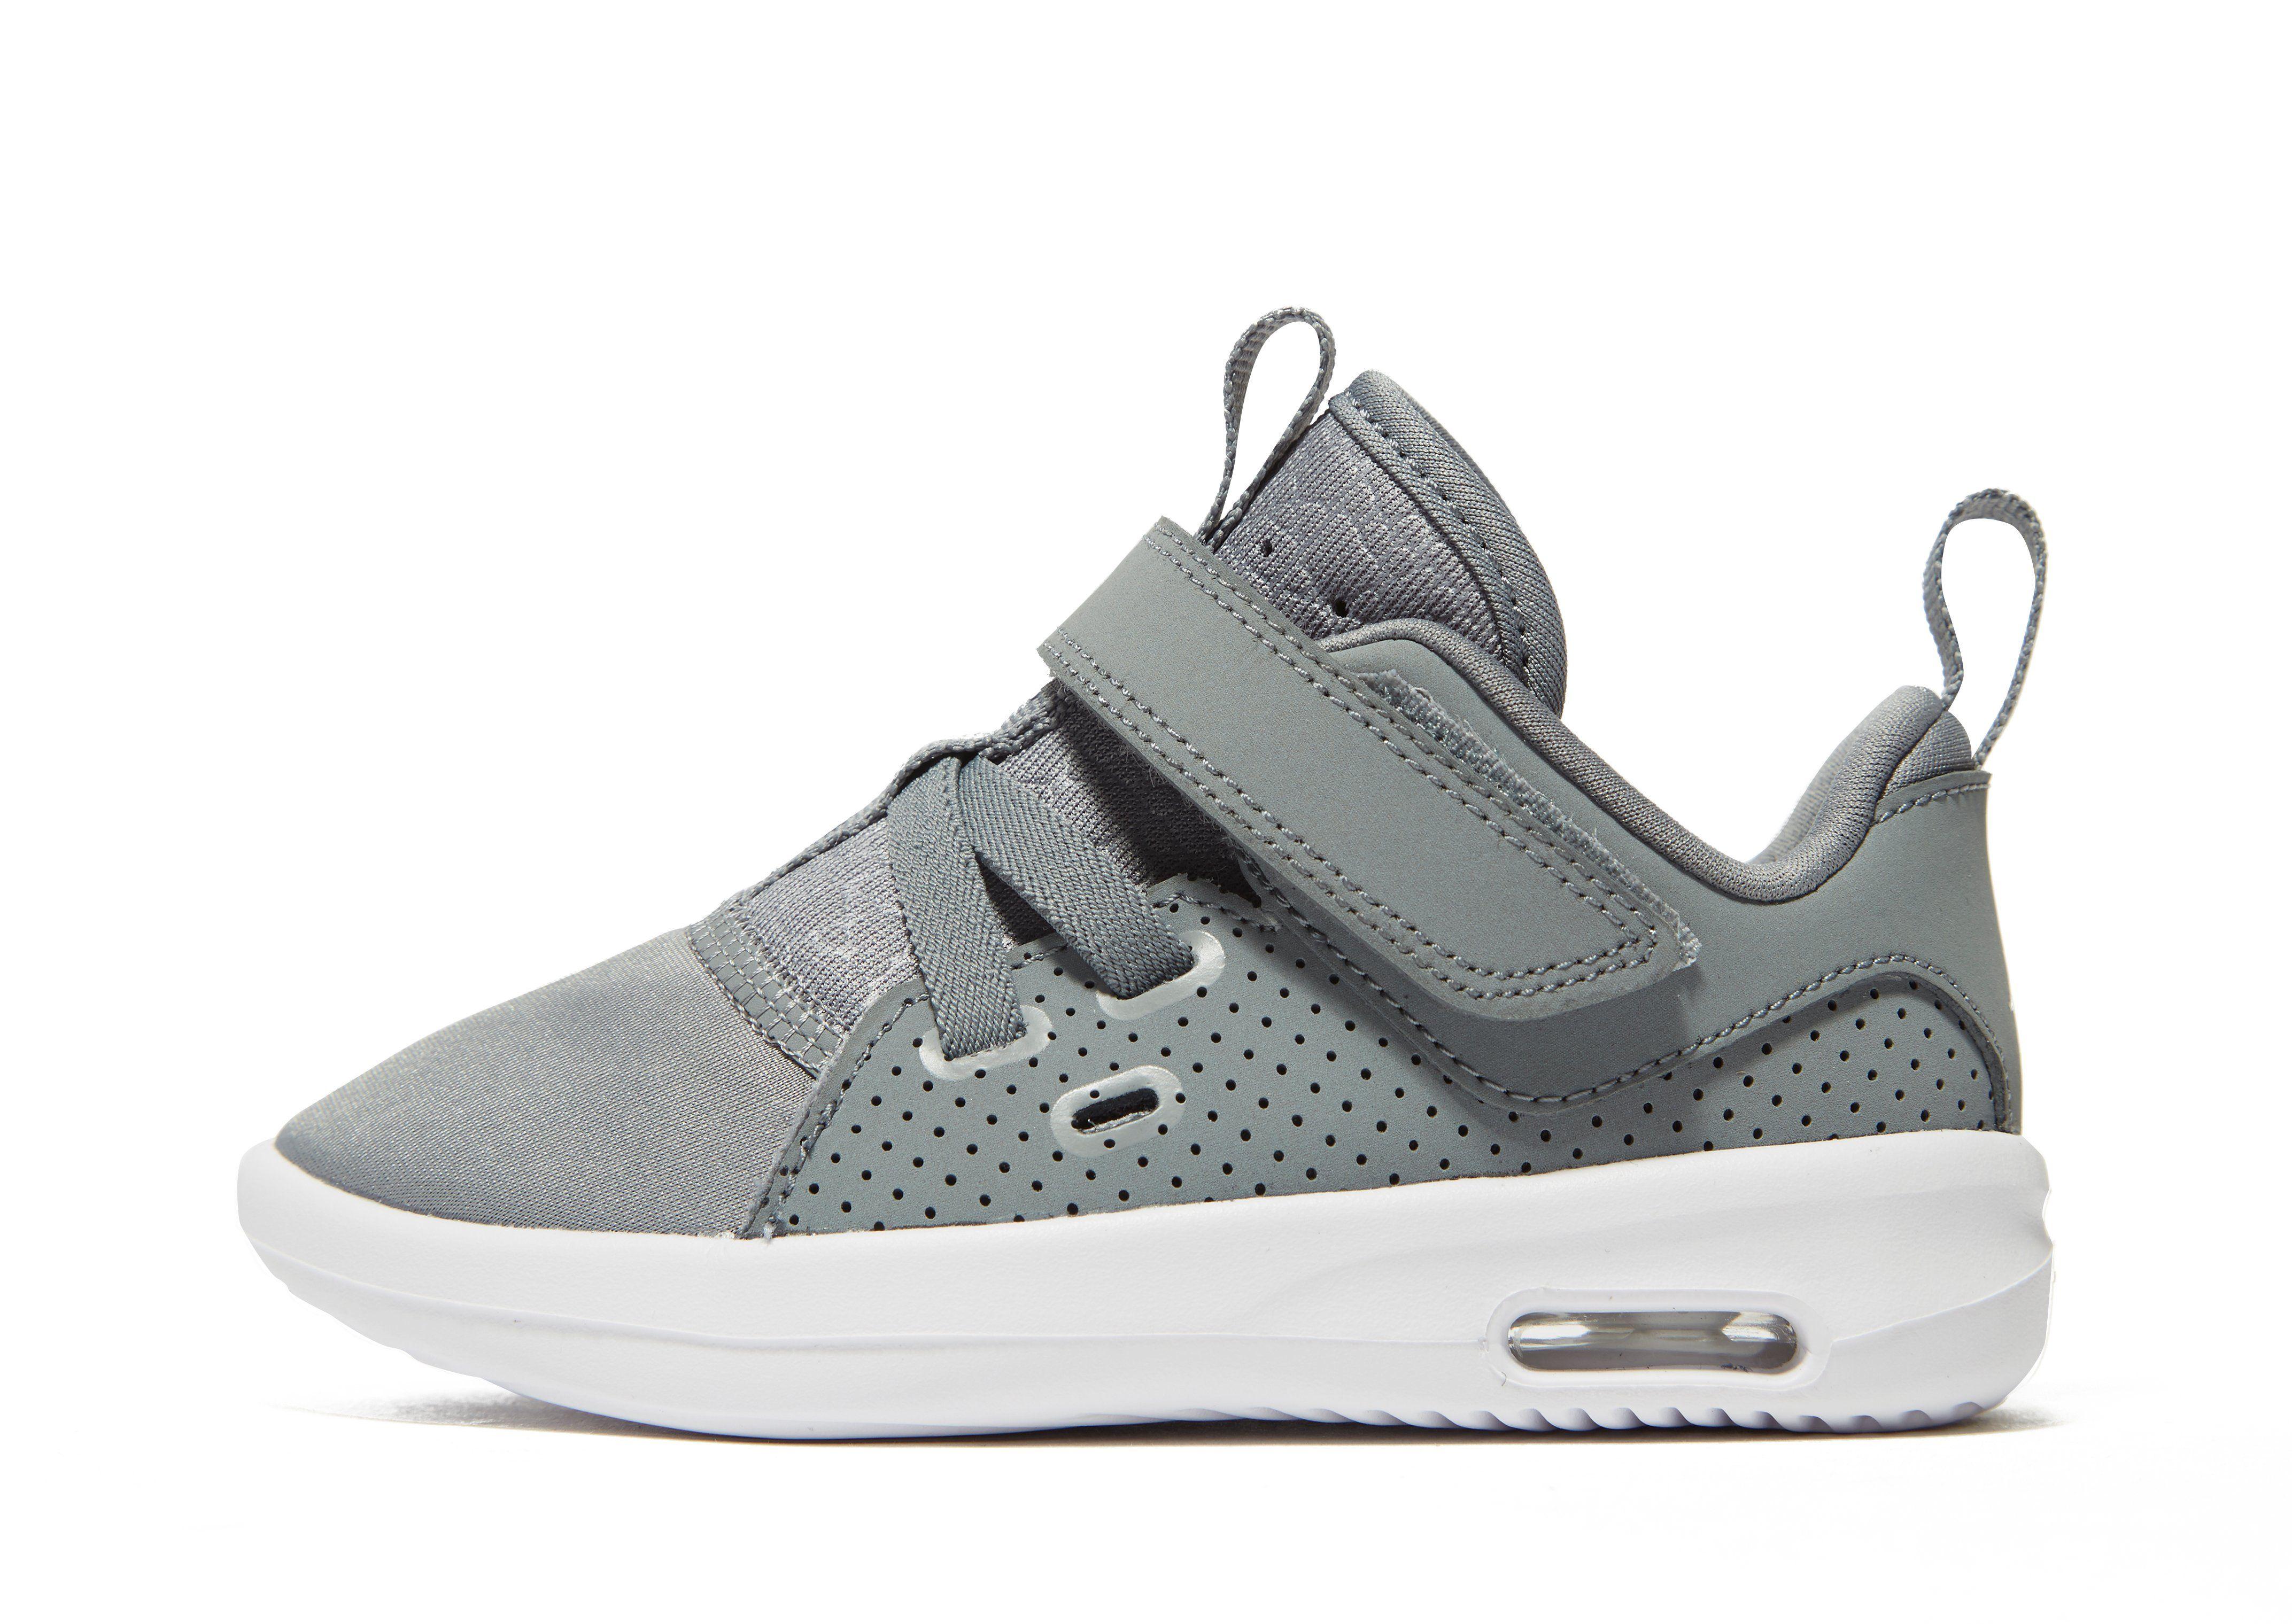 Jordan Infants Footwear Sizes 0 9